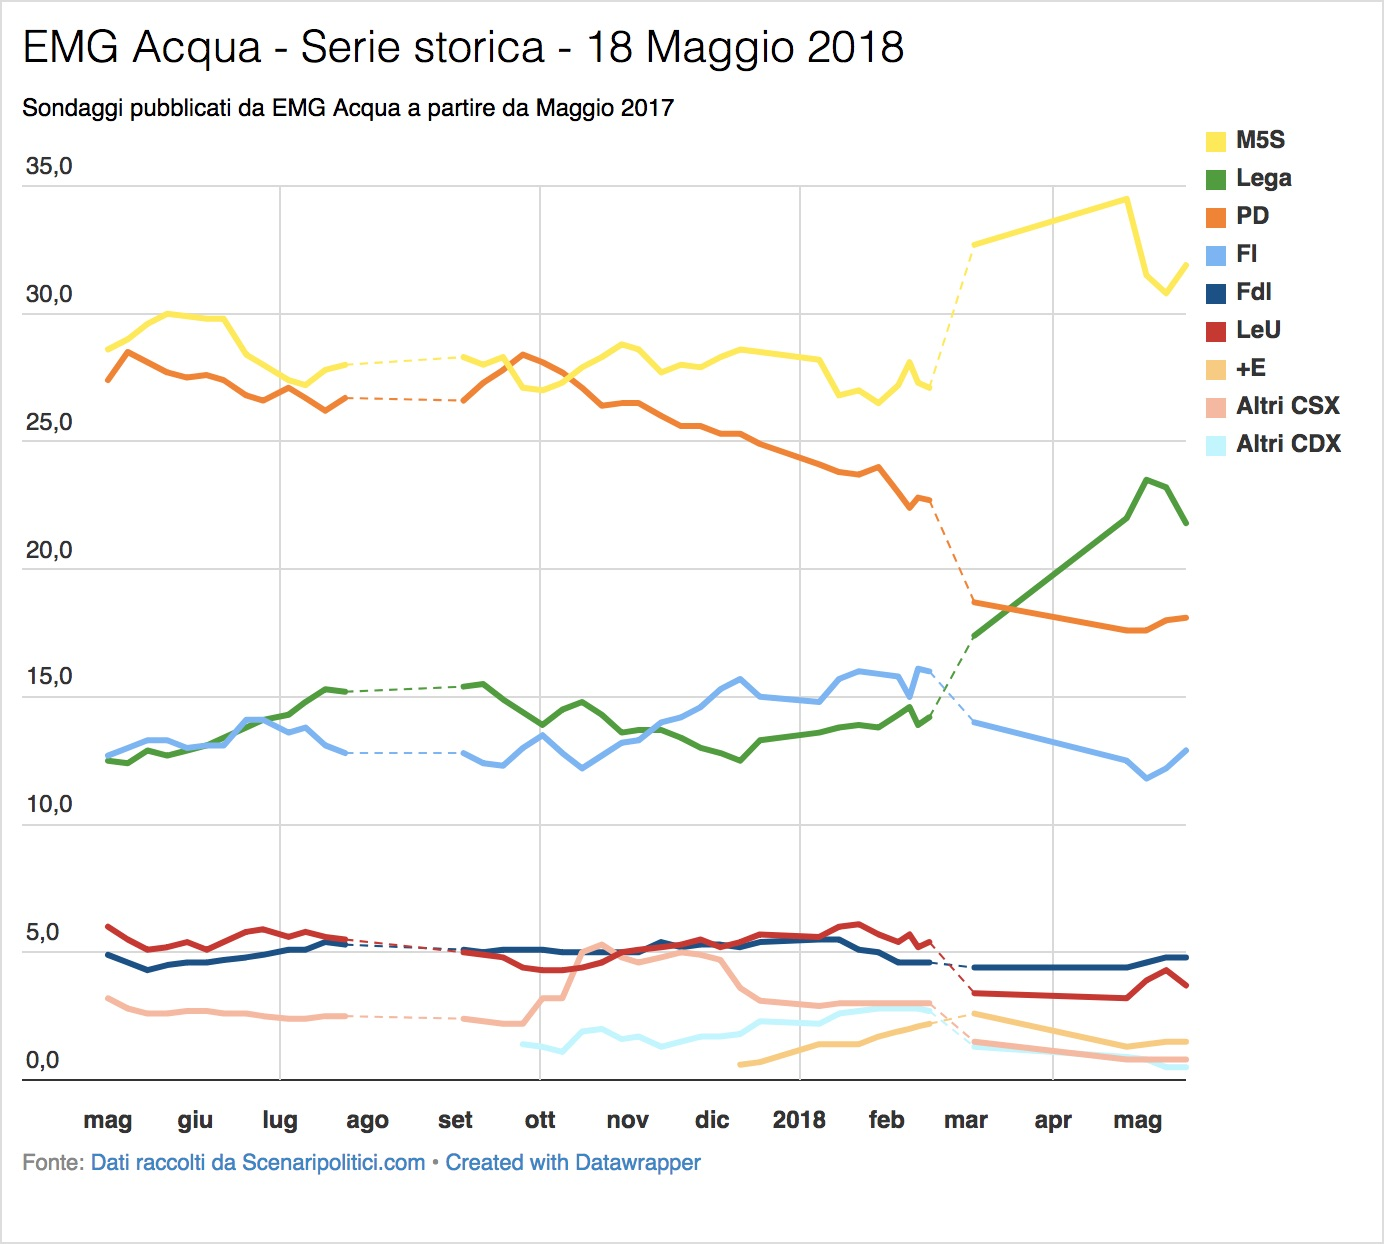 Sondaggio EMG Acqua (18 Maggio 2018)